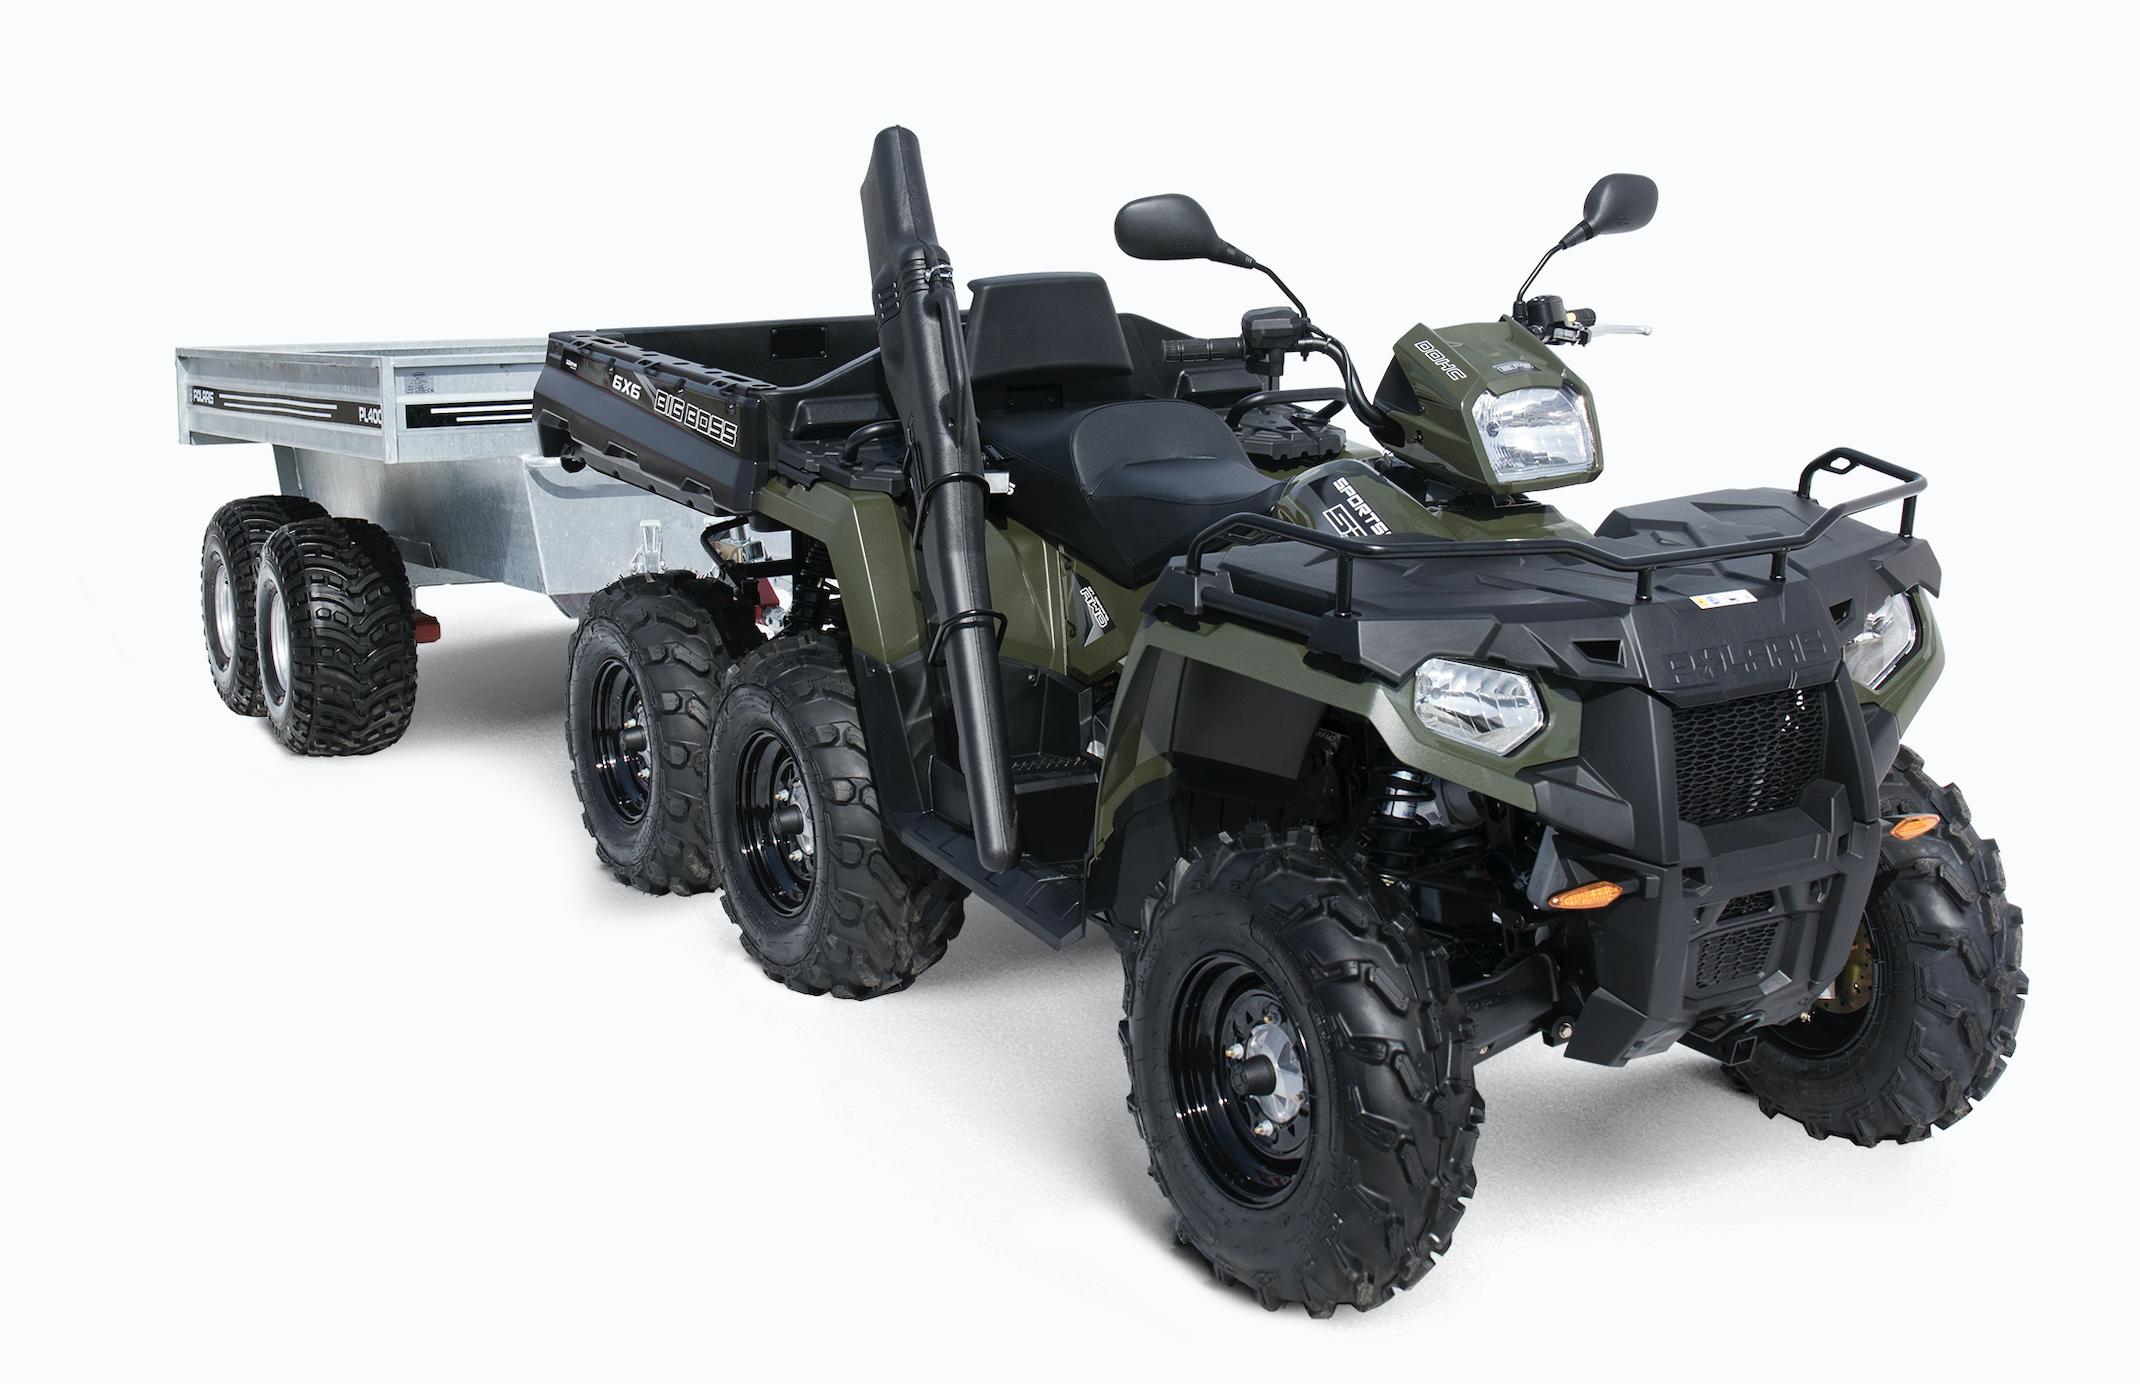 Polaris Sportsman 6x6 är ett förstaval hos de ATV-trogna jägarna. Bigg Boss driver på sex hjul och lastar över 350 kg på flaket. Med en boggievagn är man välutrustad. Tänk på att vapen ska vara oladdat vid transport och övriga regler ska följas.